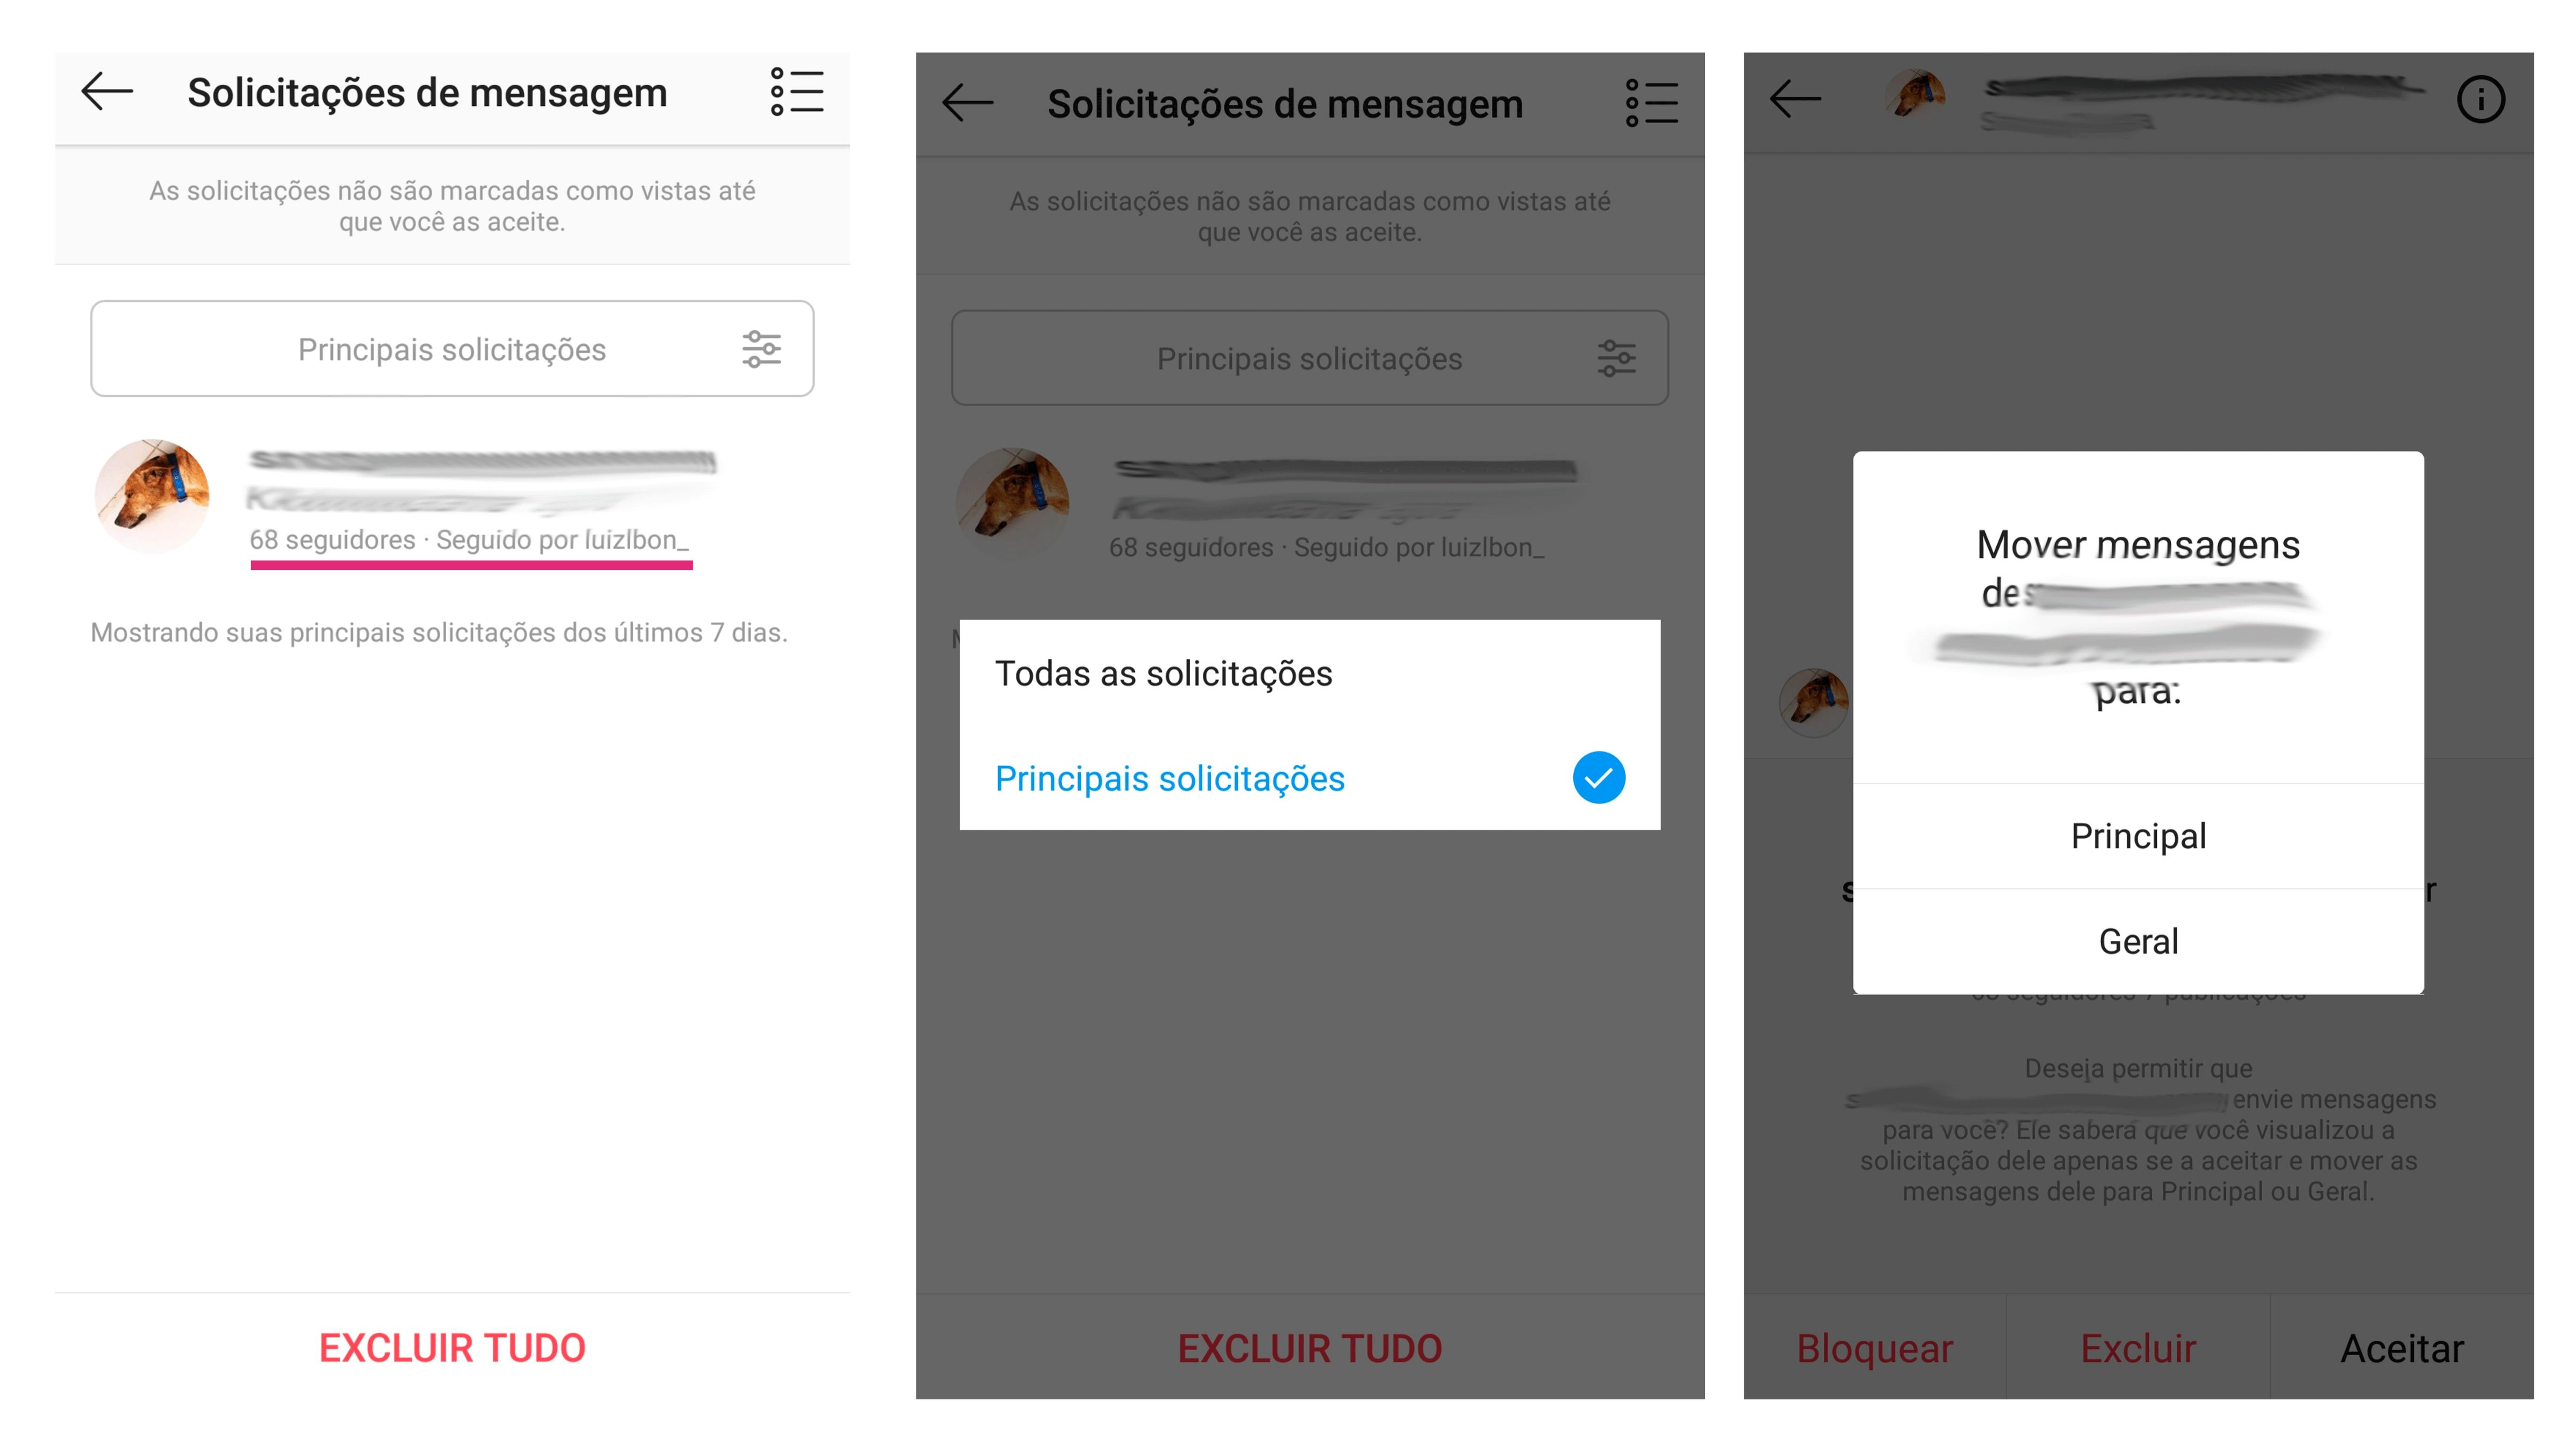 Capturas de tela mostrando as solicitações de mensagens do Instagram Creator